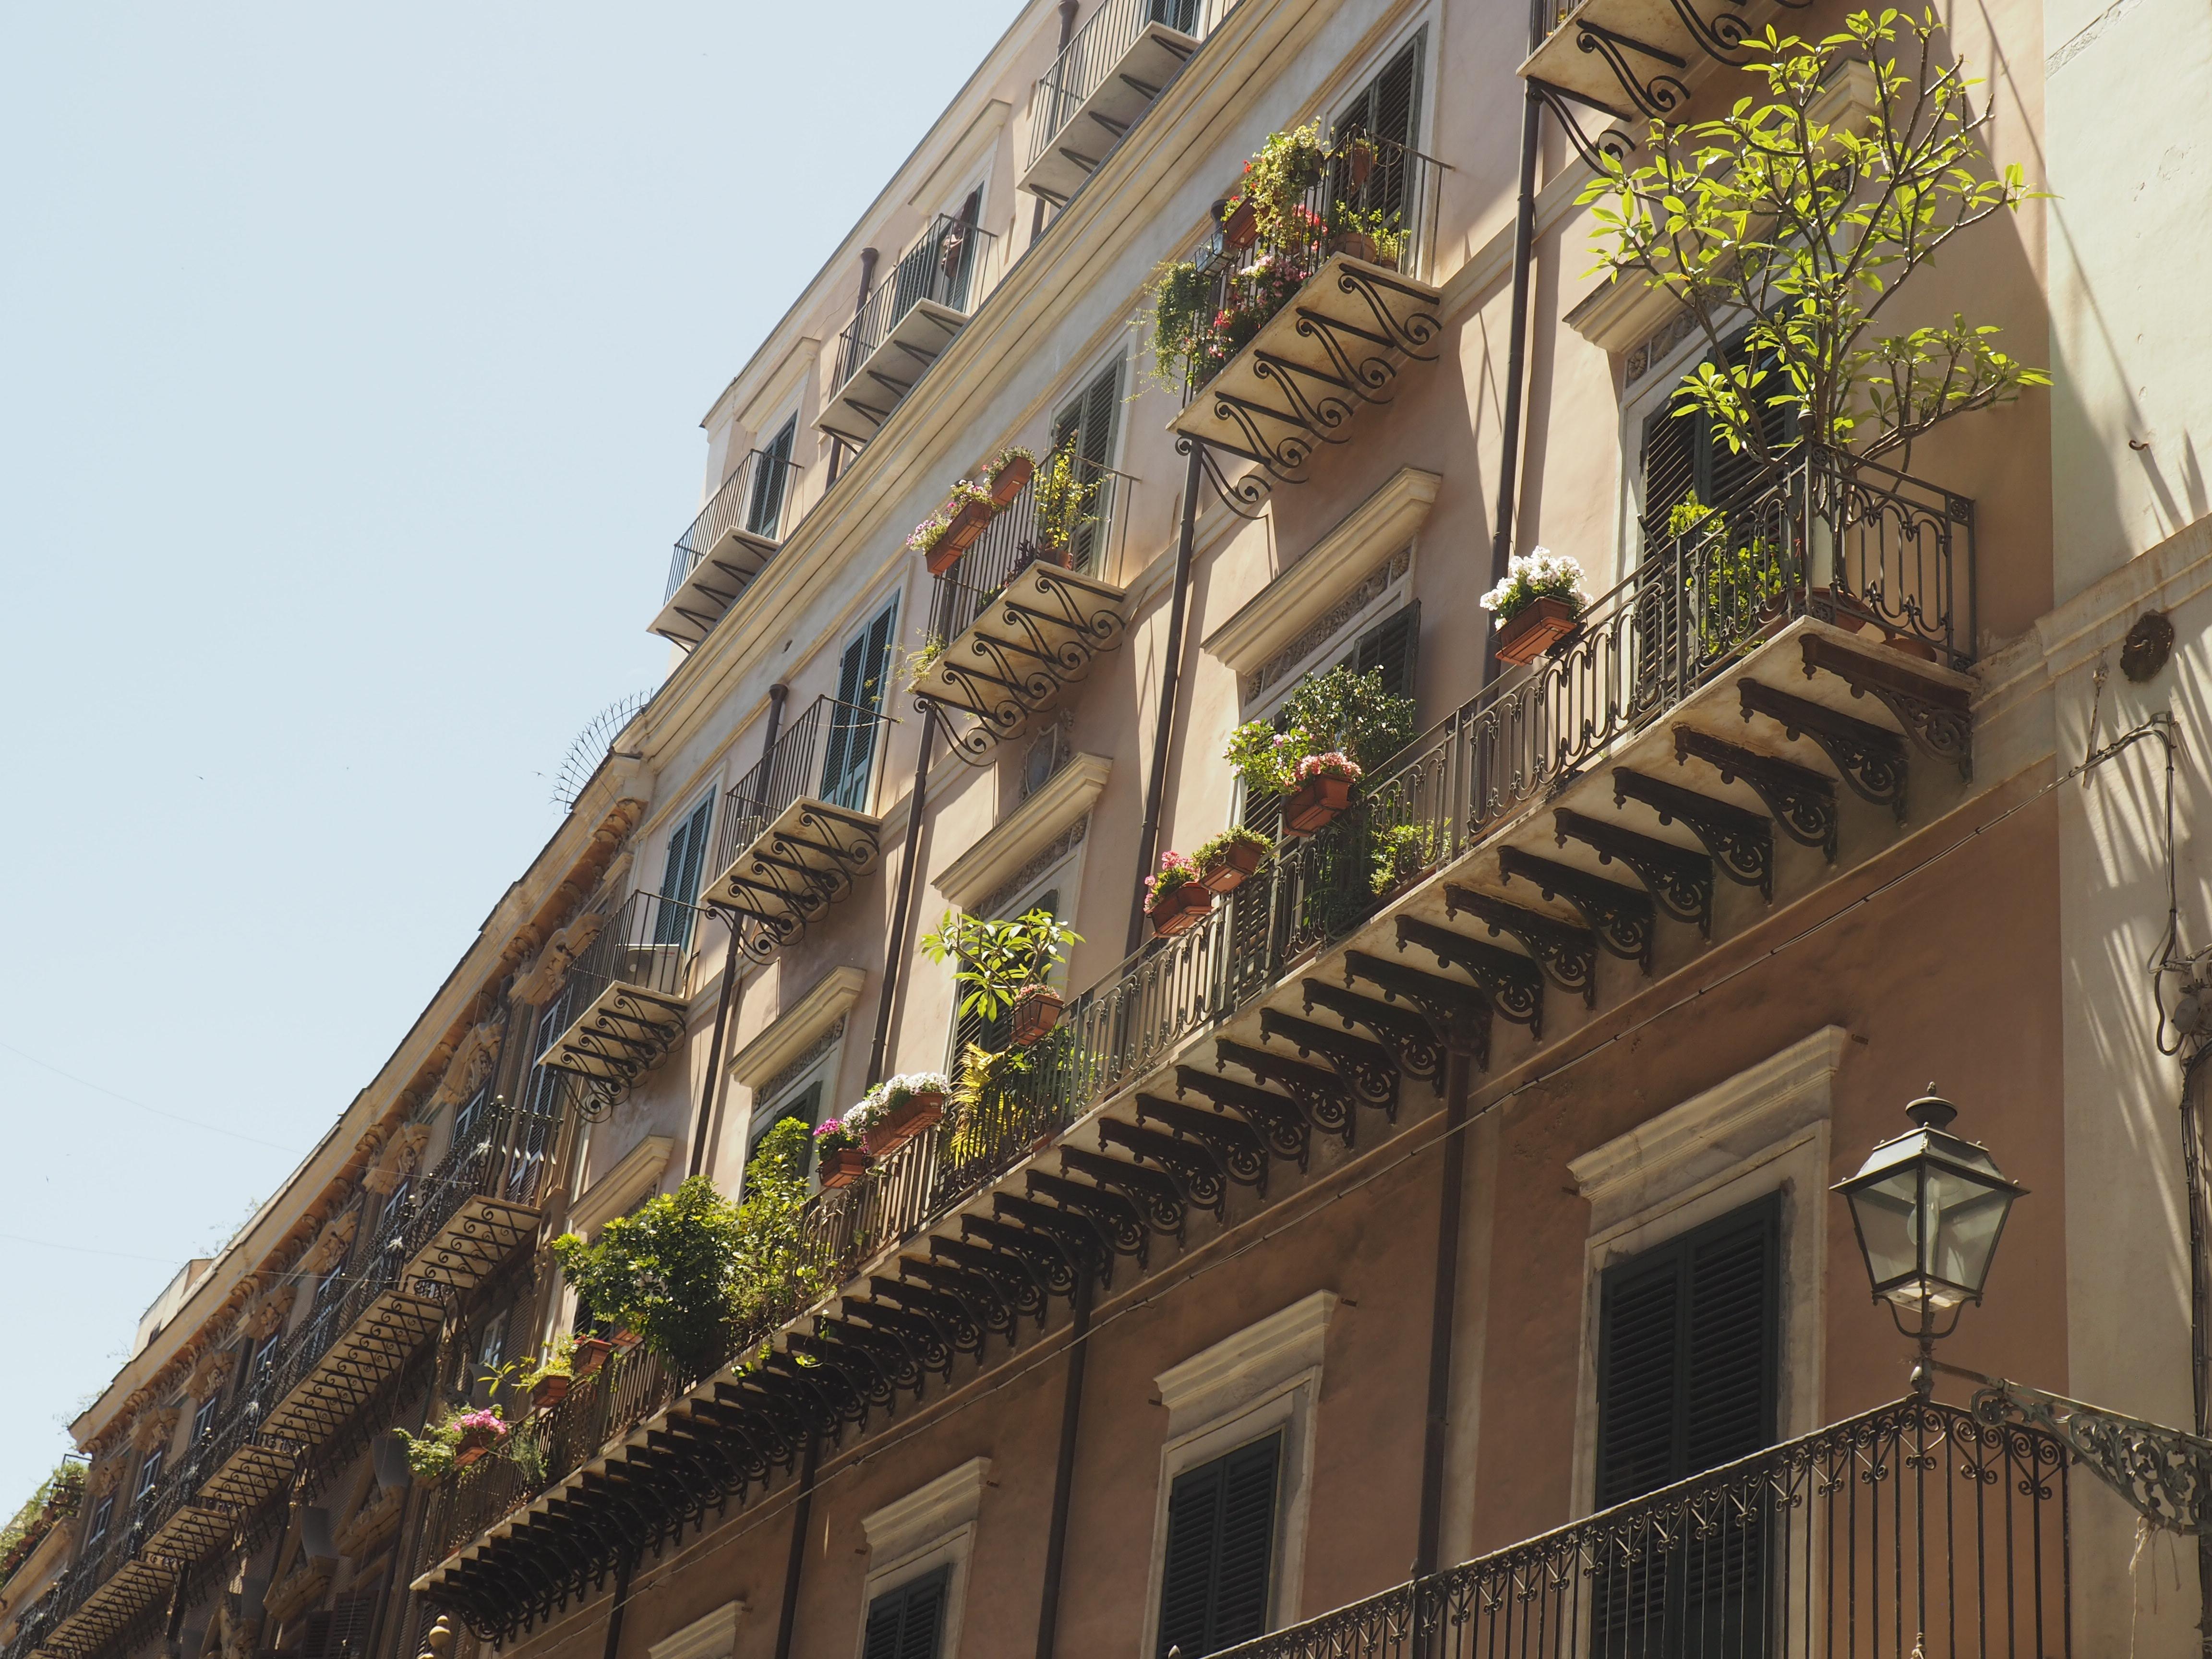 Wunderschöne Häuserfassaden auf dem Corsi Vittorio Emanuele in Palermo, entdeckt bei unserem Ausflug auf eigene Faust während unserer Kreuzfahrt mit der AIDA